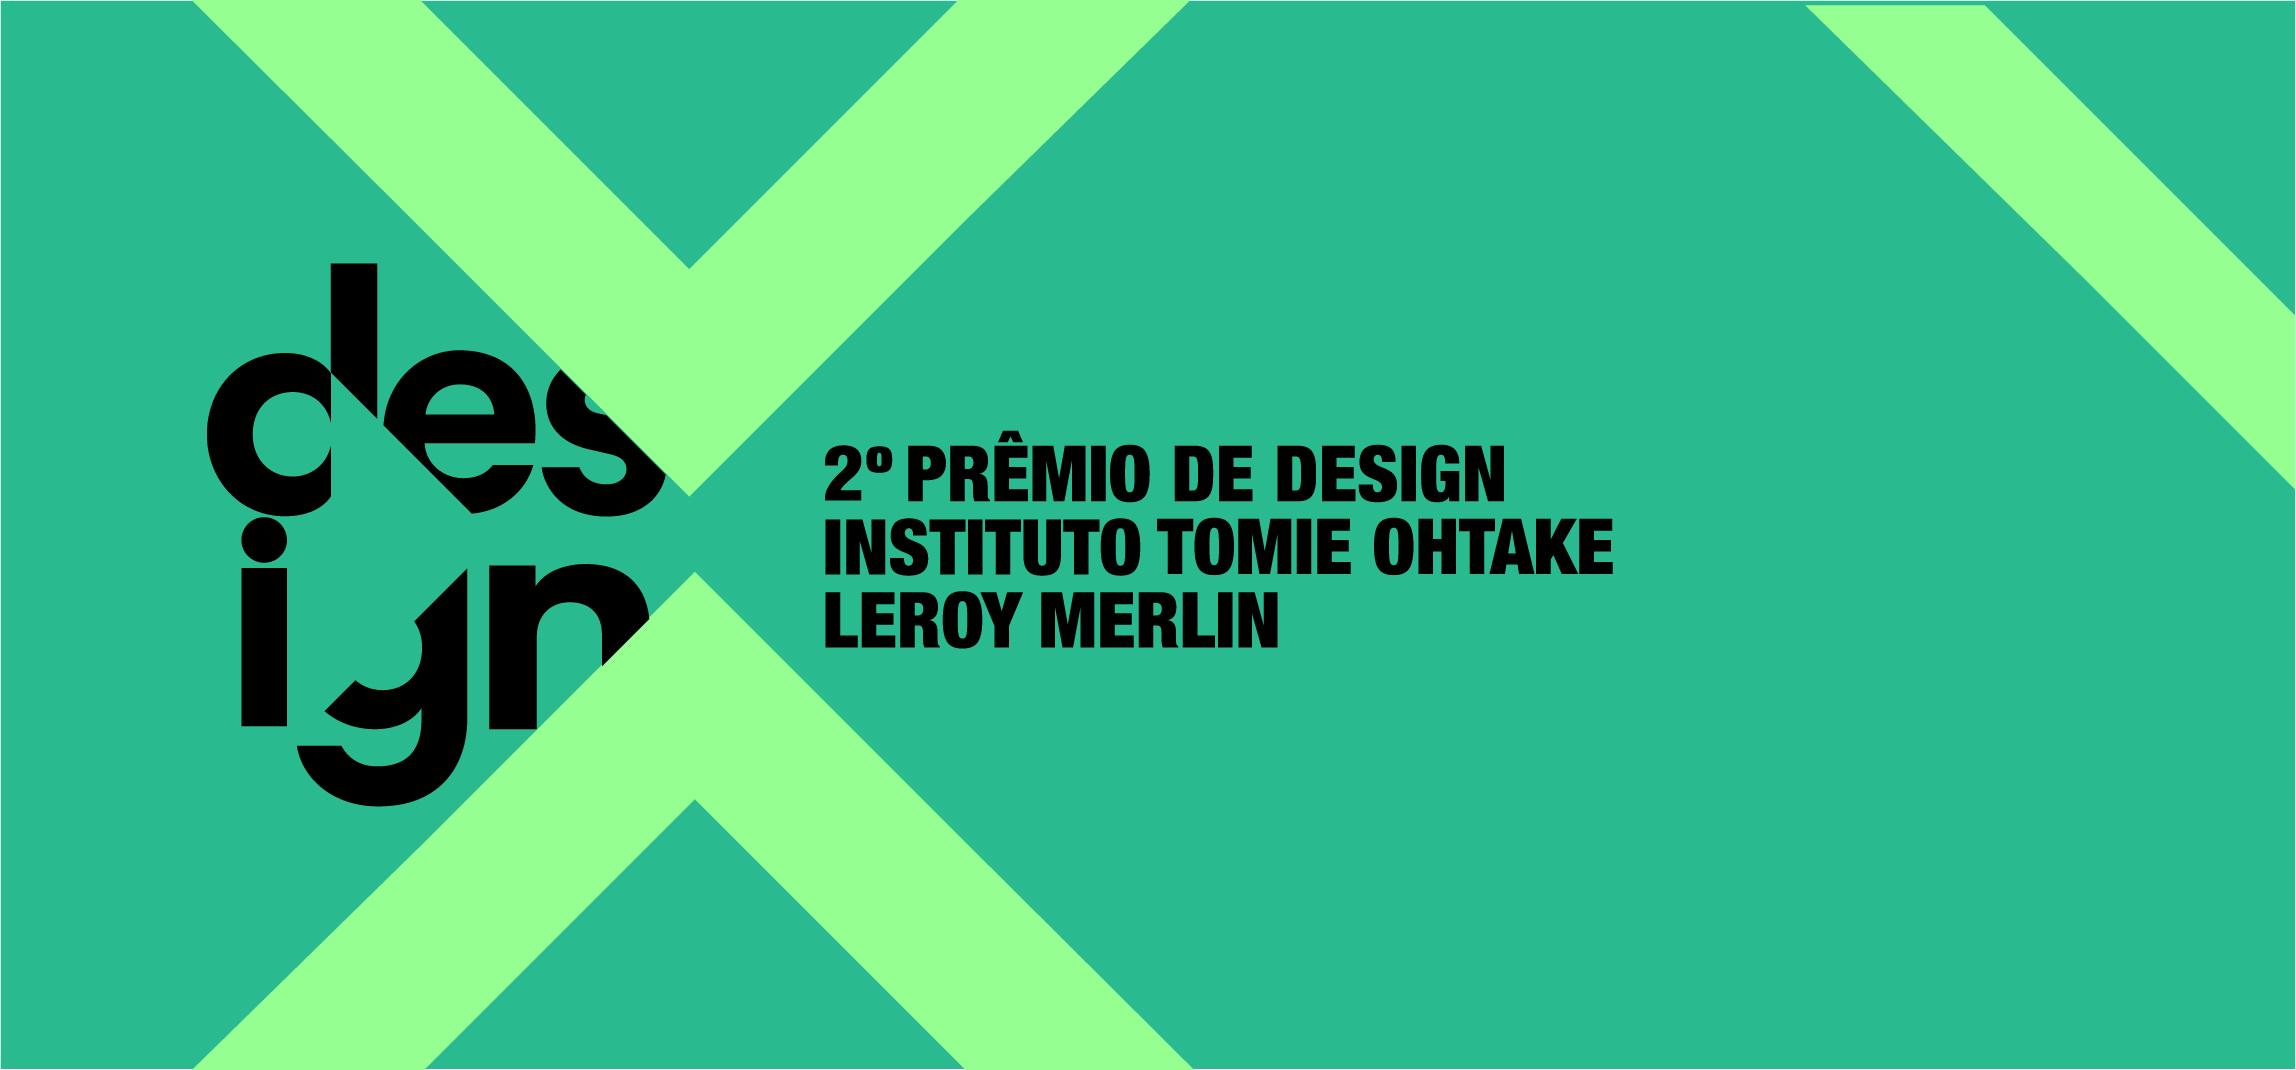 2º Prêmio de Design Instituto Tomie Ohtake Leroy Merlin